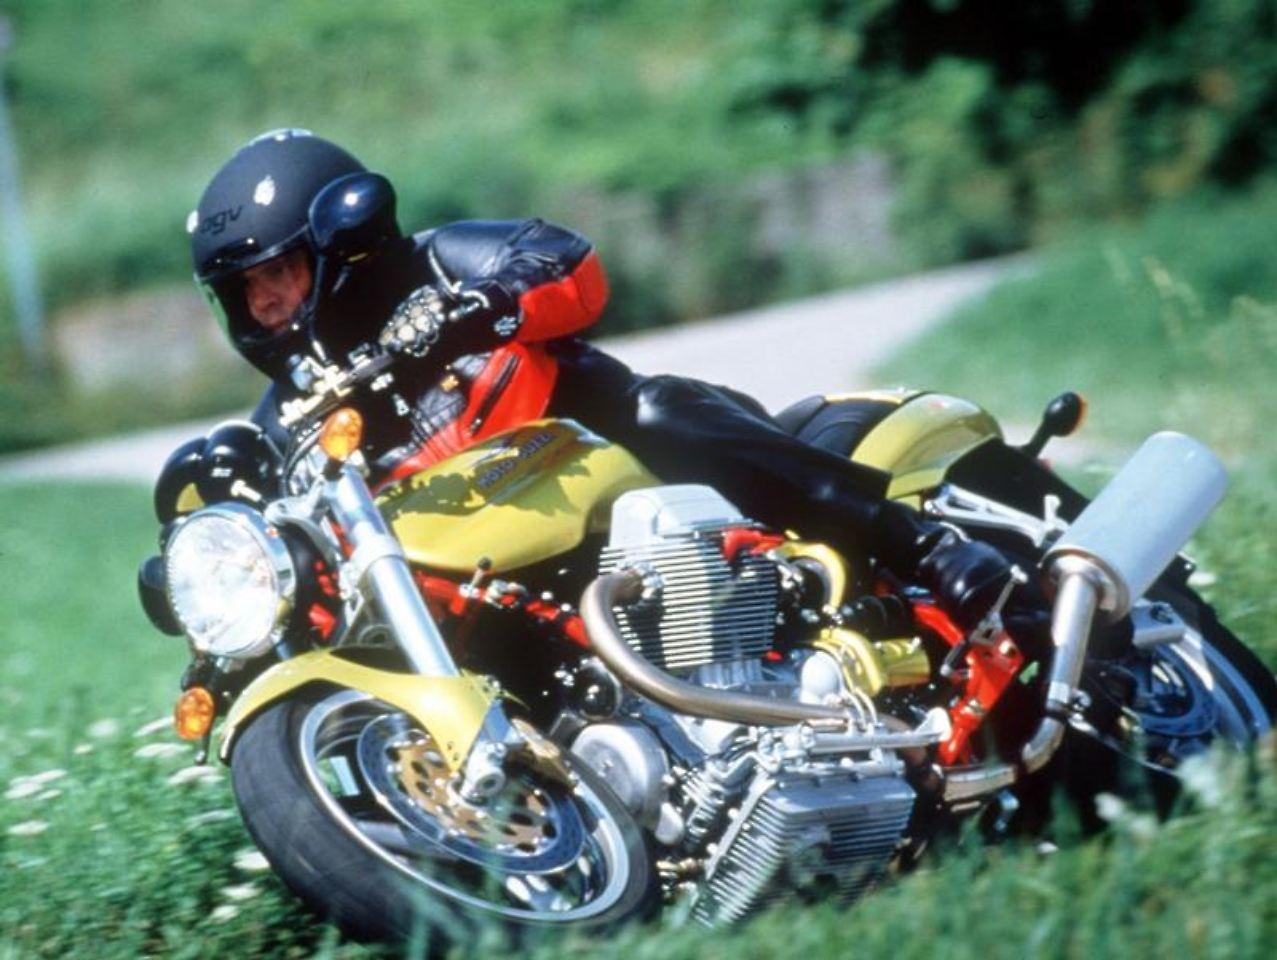 Gebrauchtes Motorrad Kaufen : gebraucht motorrad darauf sollten k ufer achten n ~ Kayakingforconservation.com Haus und Dekorationen